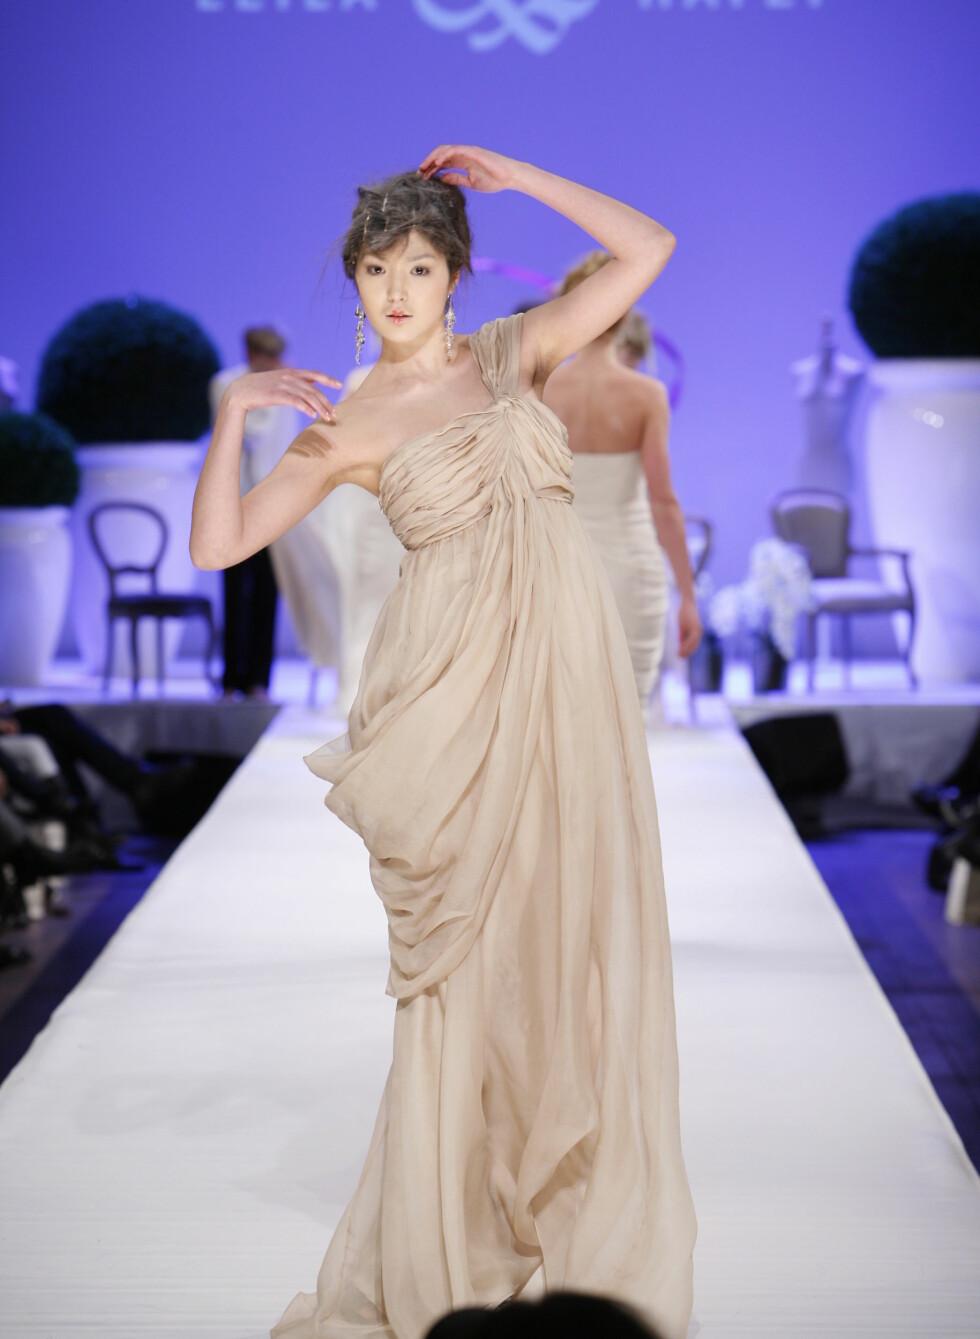 Asymmetisk og drapert som en vakker, gresk gudinne. Foto: Per Ervland